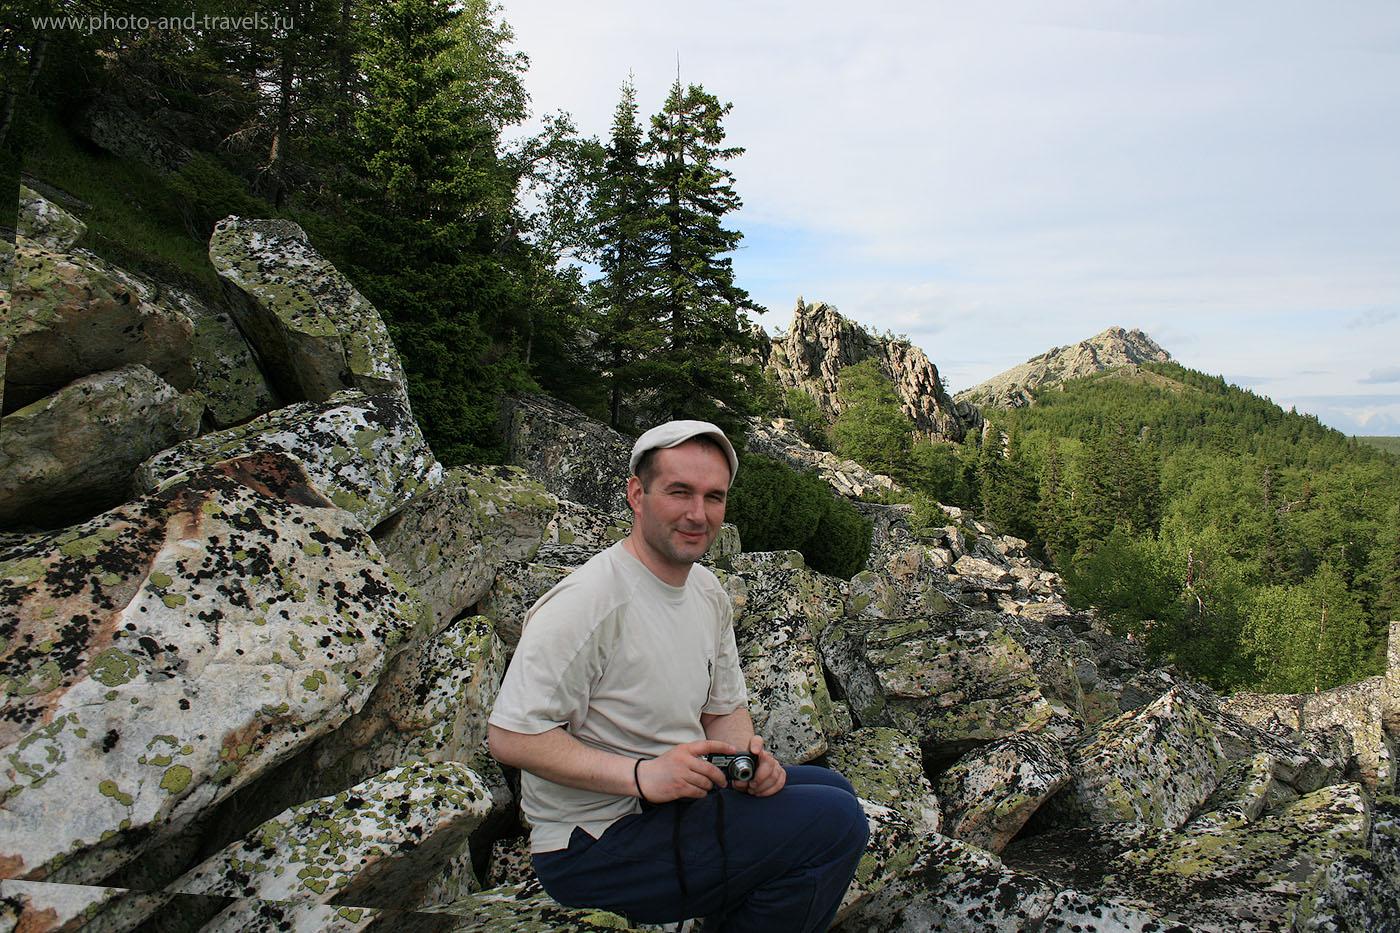 2. Вид с Митькиных скал на Откликной гребень в национальном парке Таганай